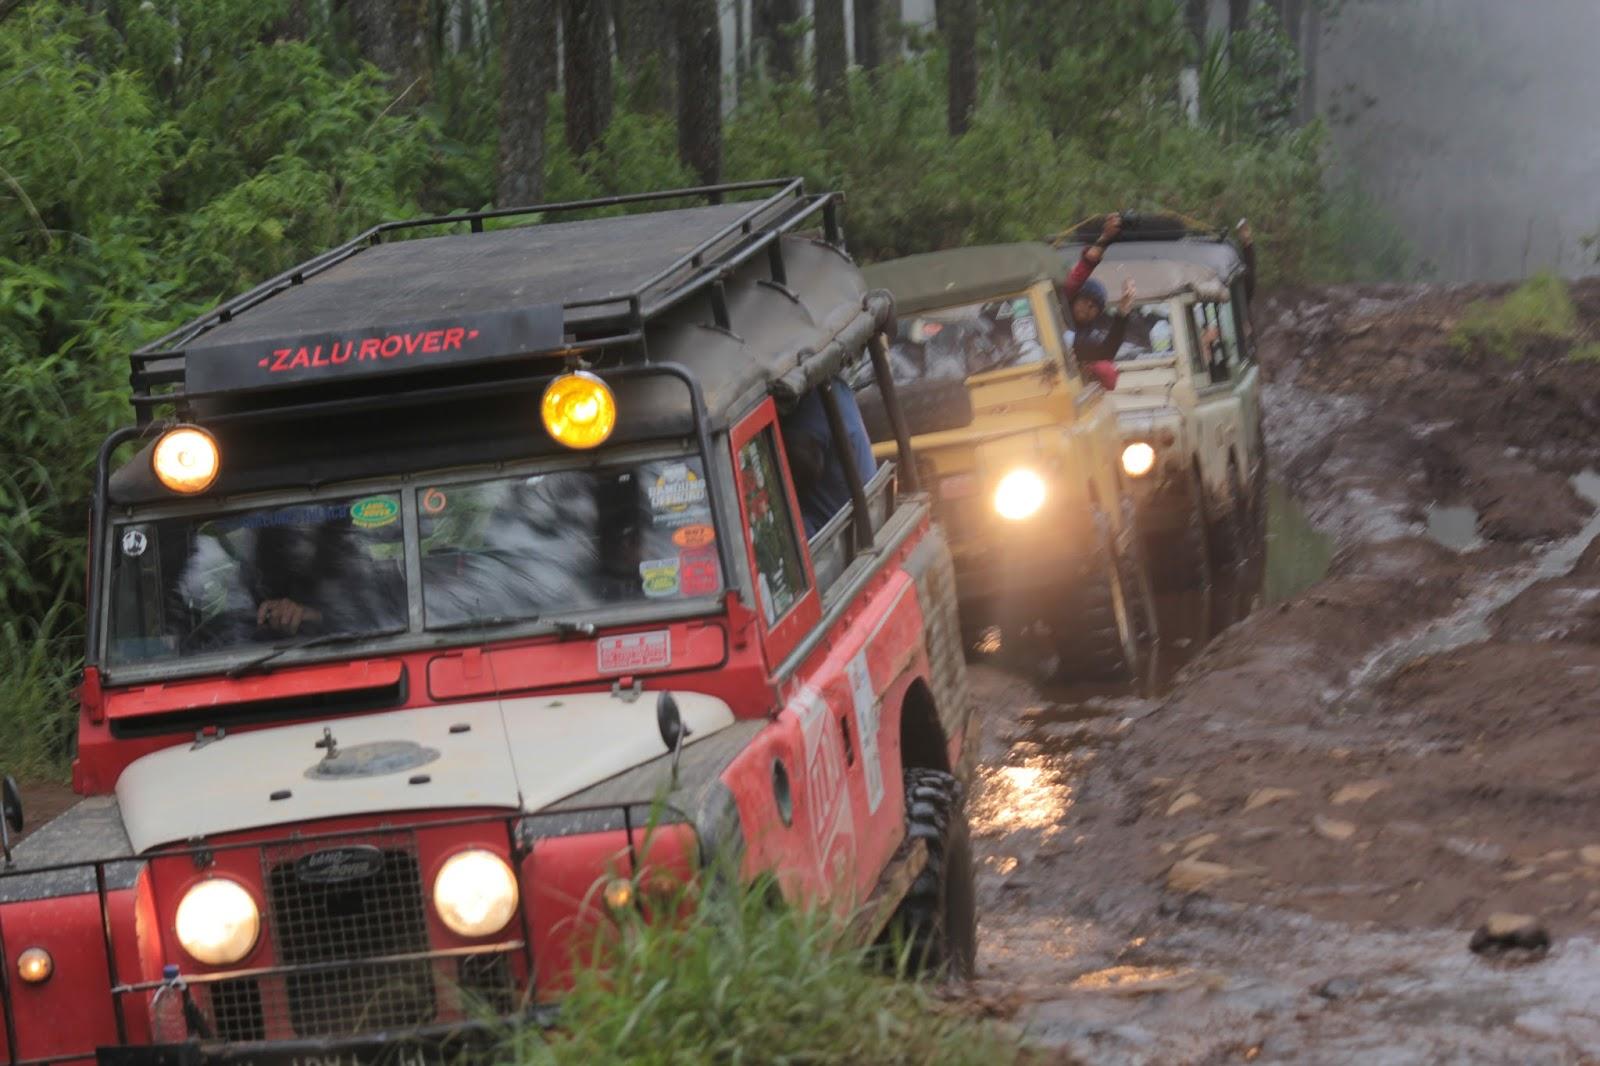 Ketangguhan mobil tua Land Rover 4 x 4 WD saat off-road